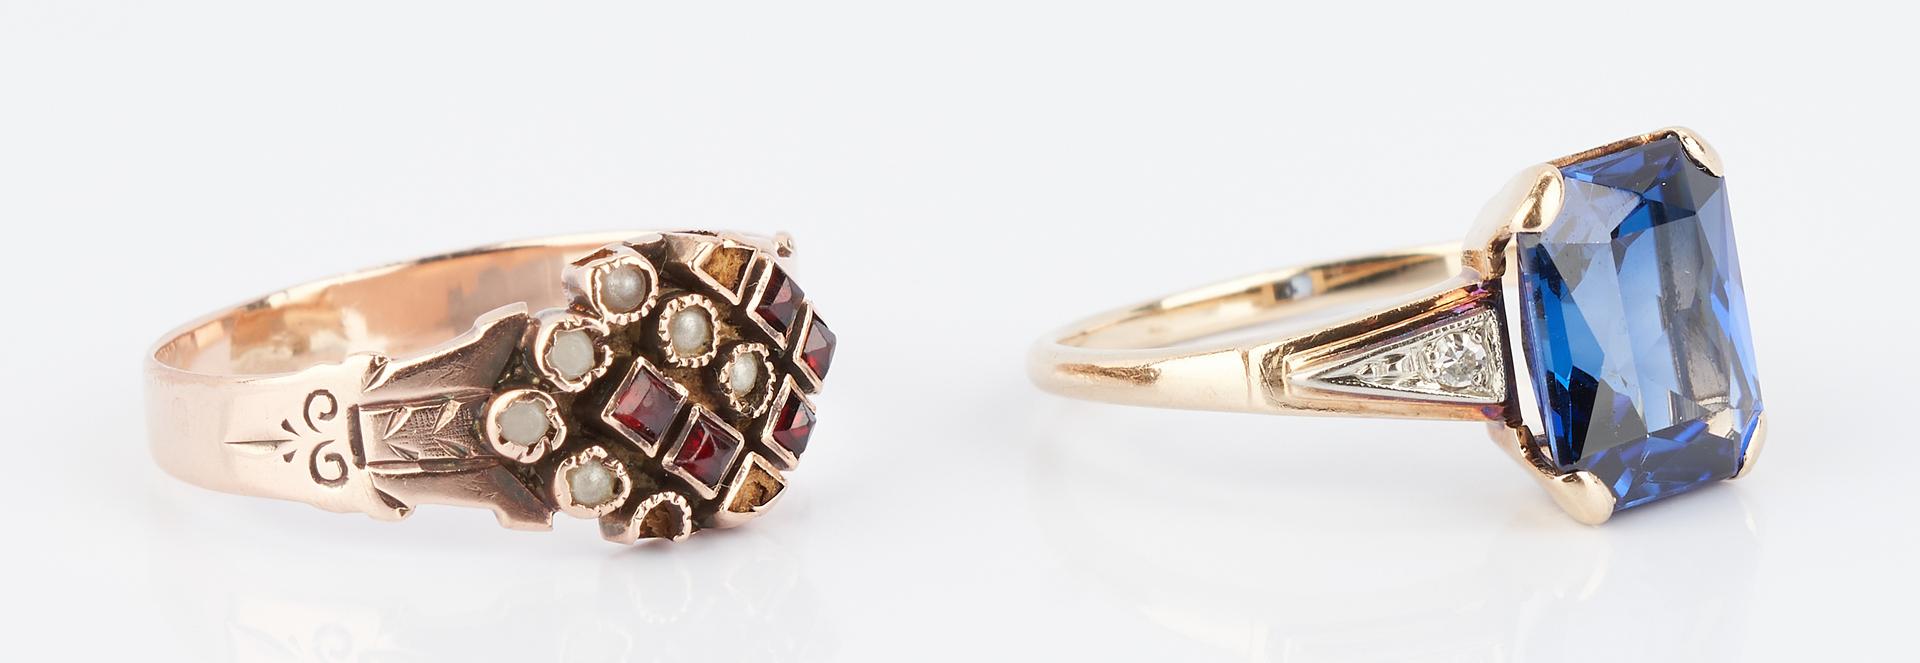 Lot 934: 5 Ladies Rings, Platinum & Gold